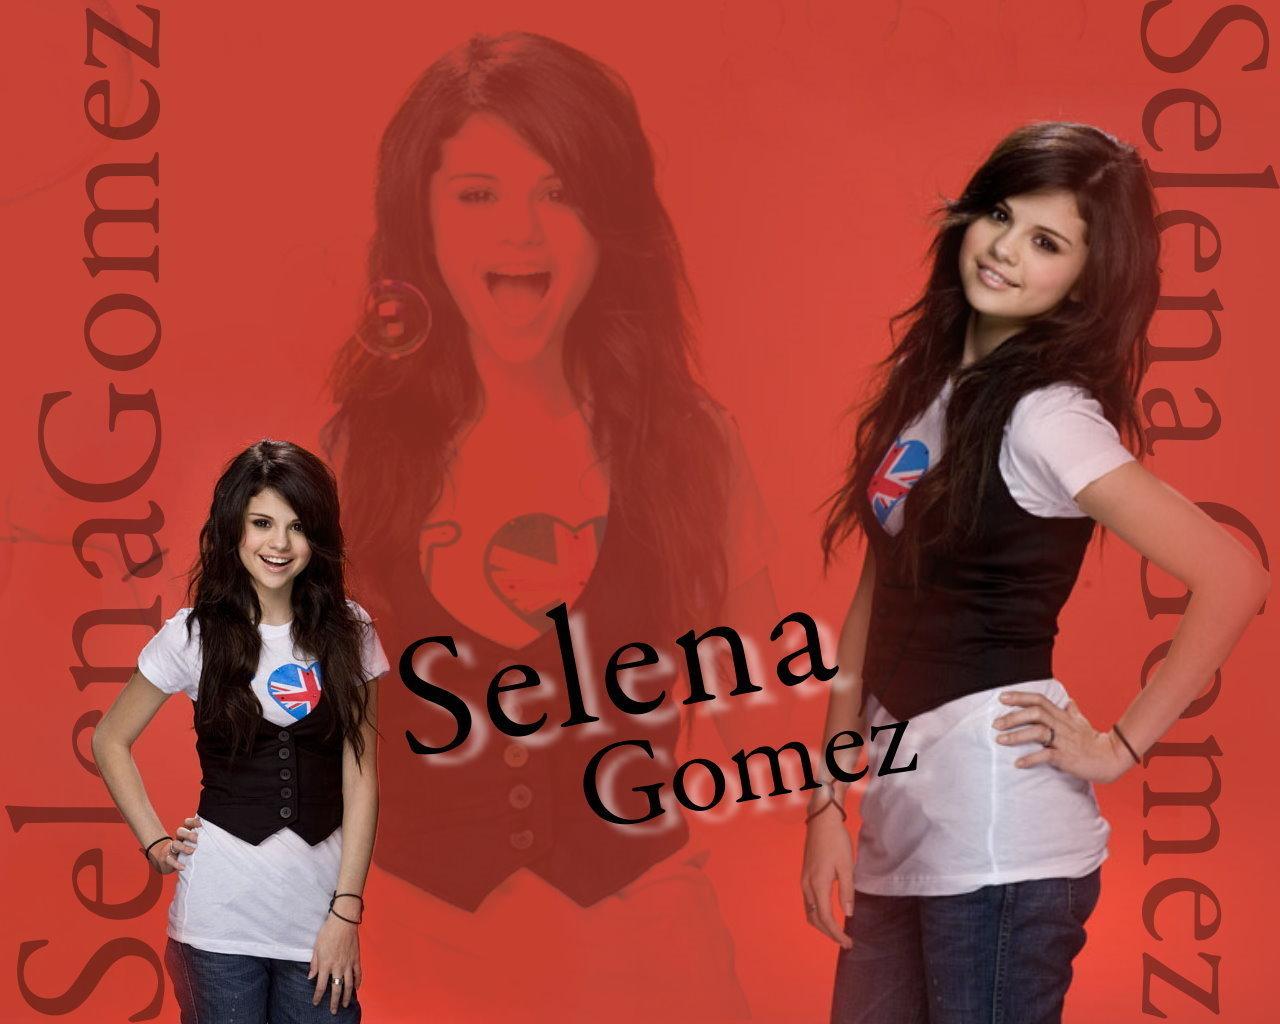 Selena Gomez Selena Gomez Wallpaper 1280x1024